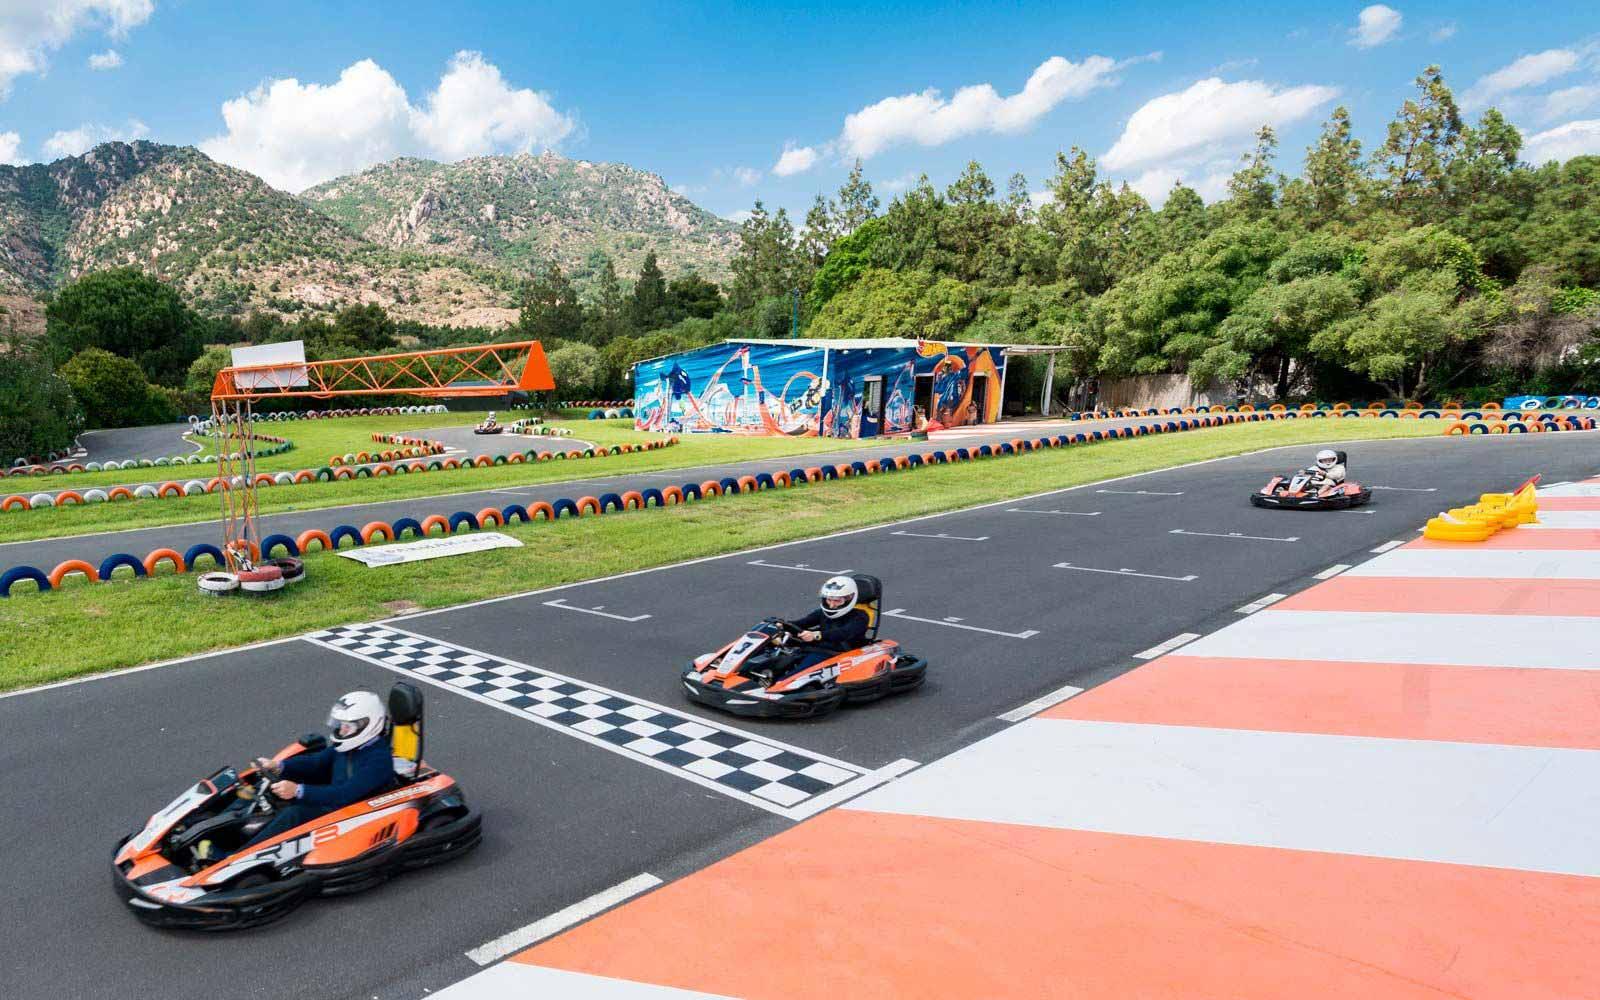 Go-karting at the Forte Village Resort